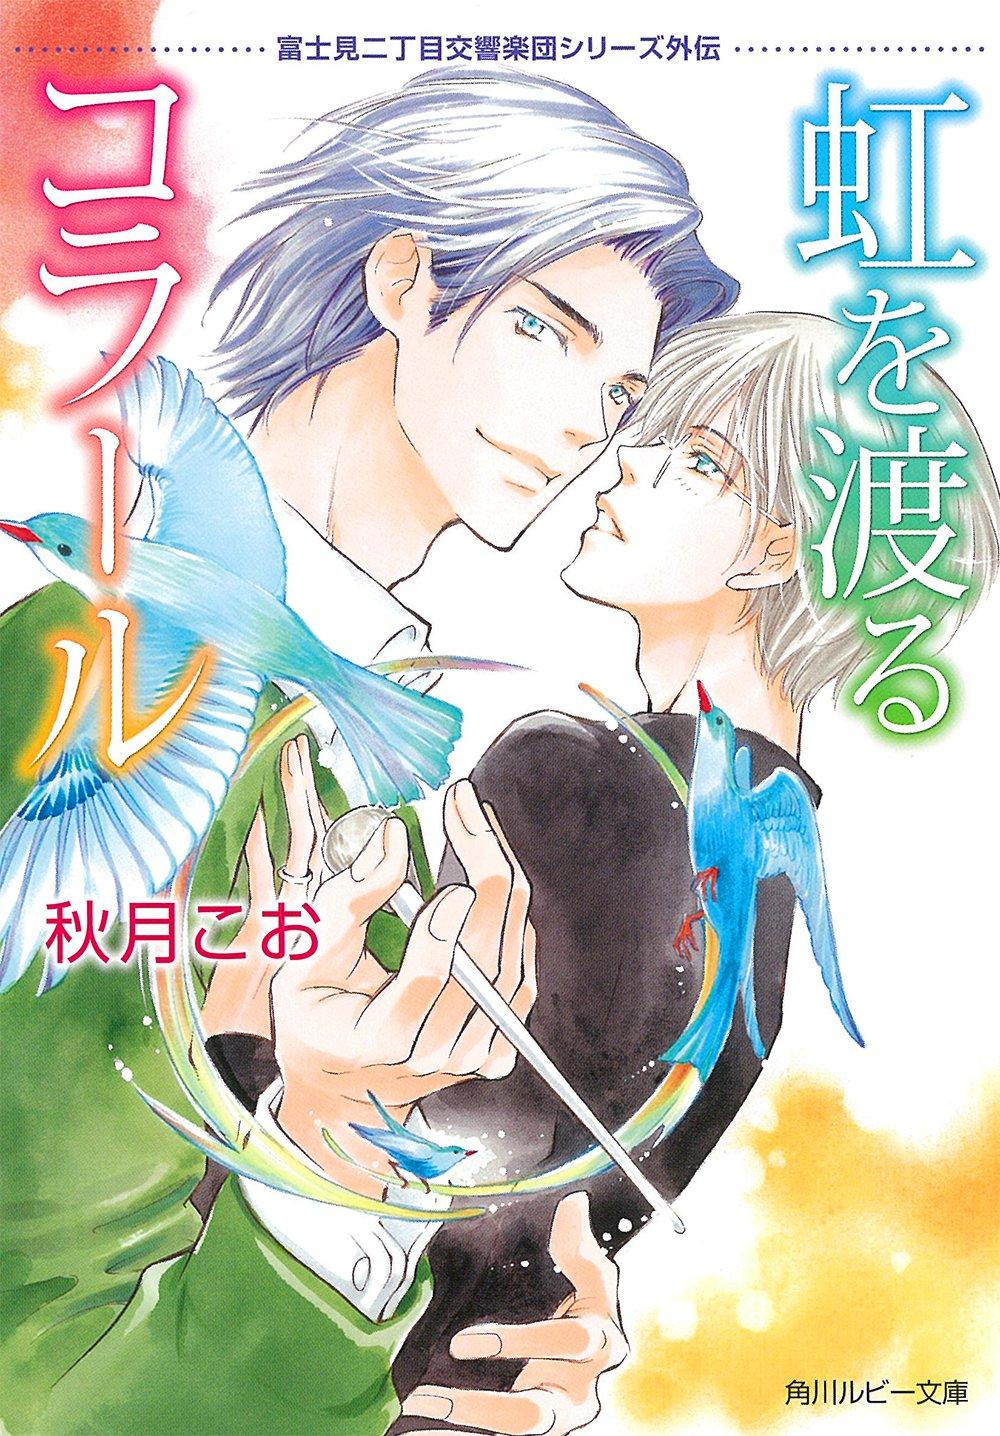 【ライトノベル】富士見二丁目交響楽団シリーズ外伝 6巻